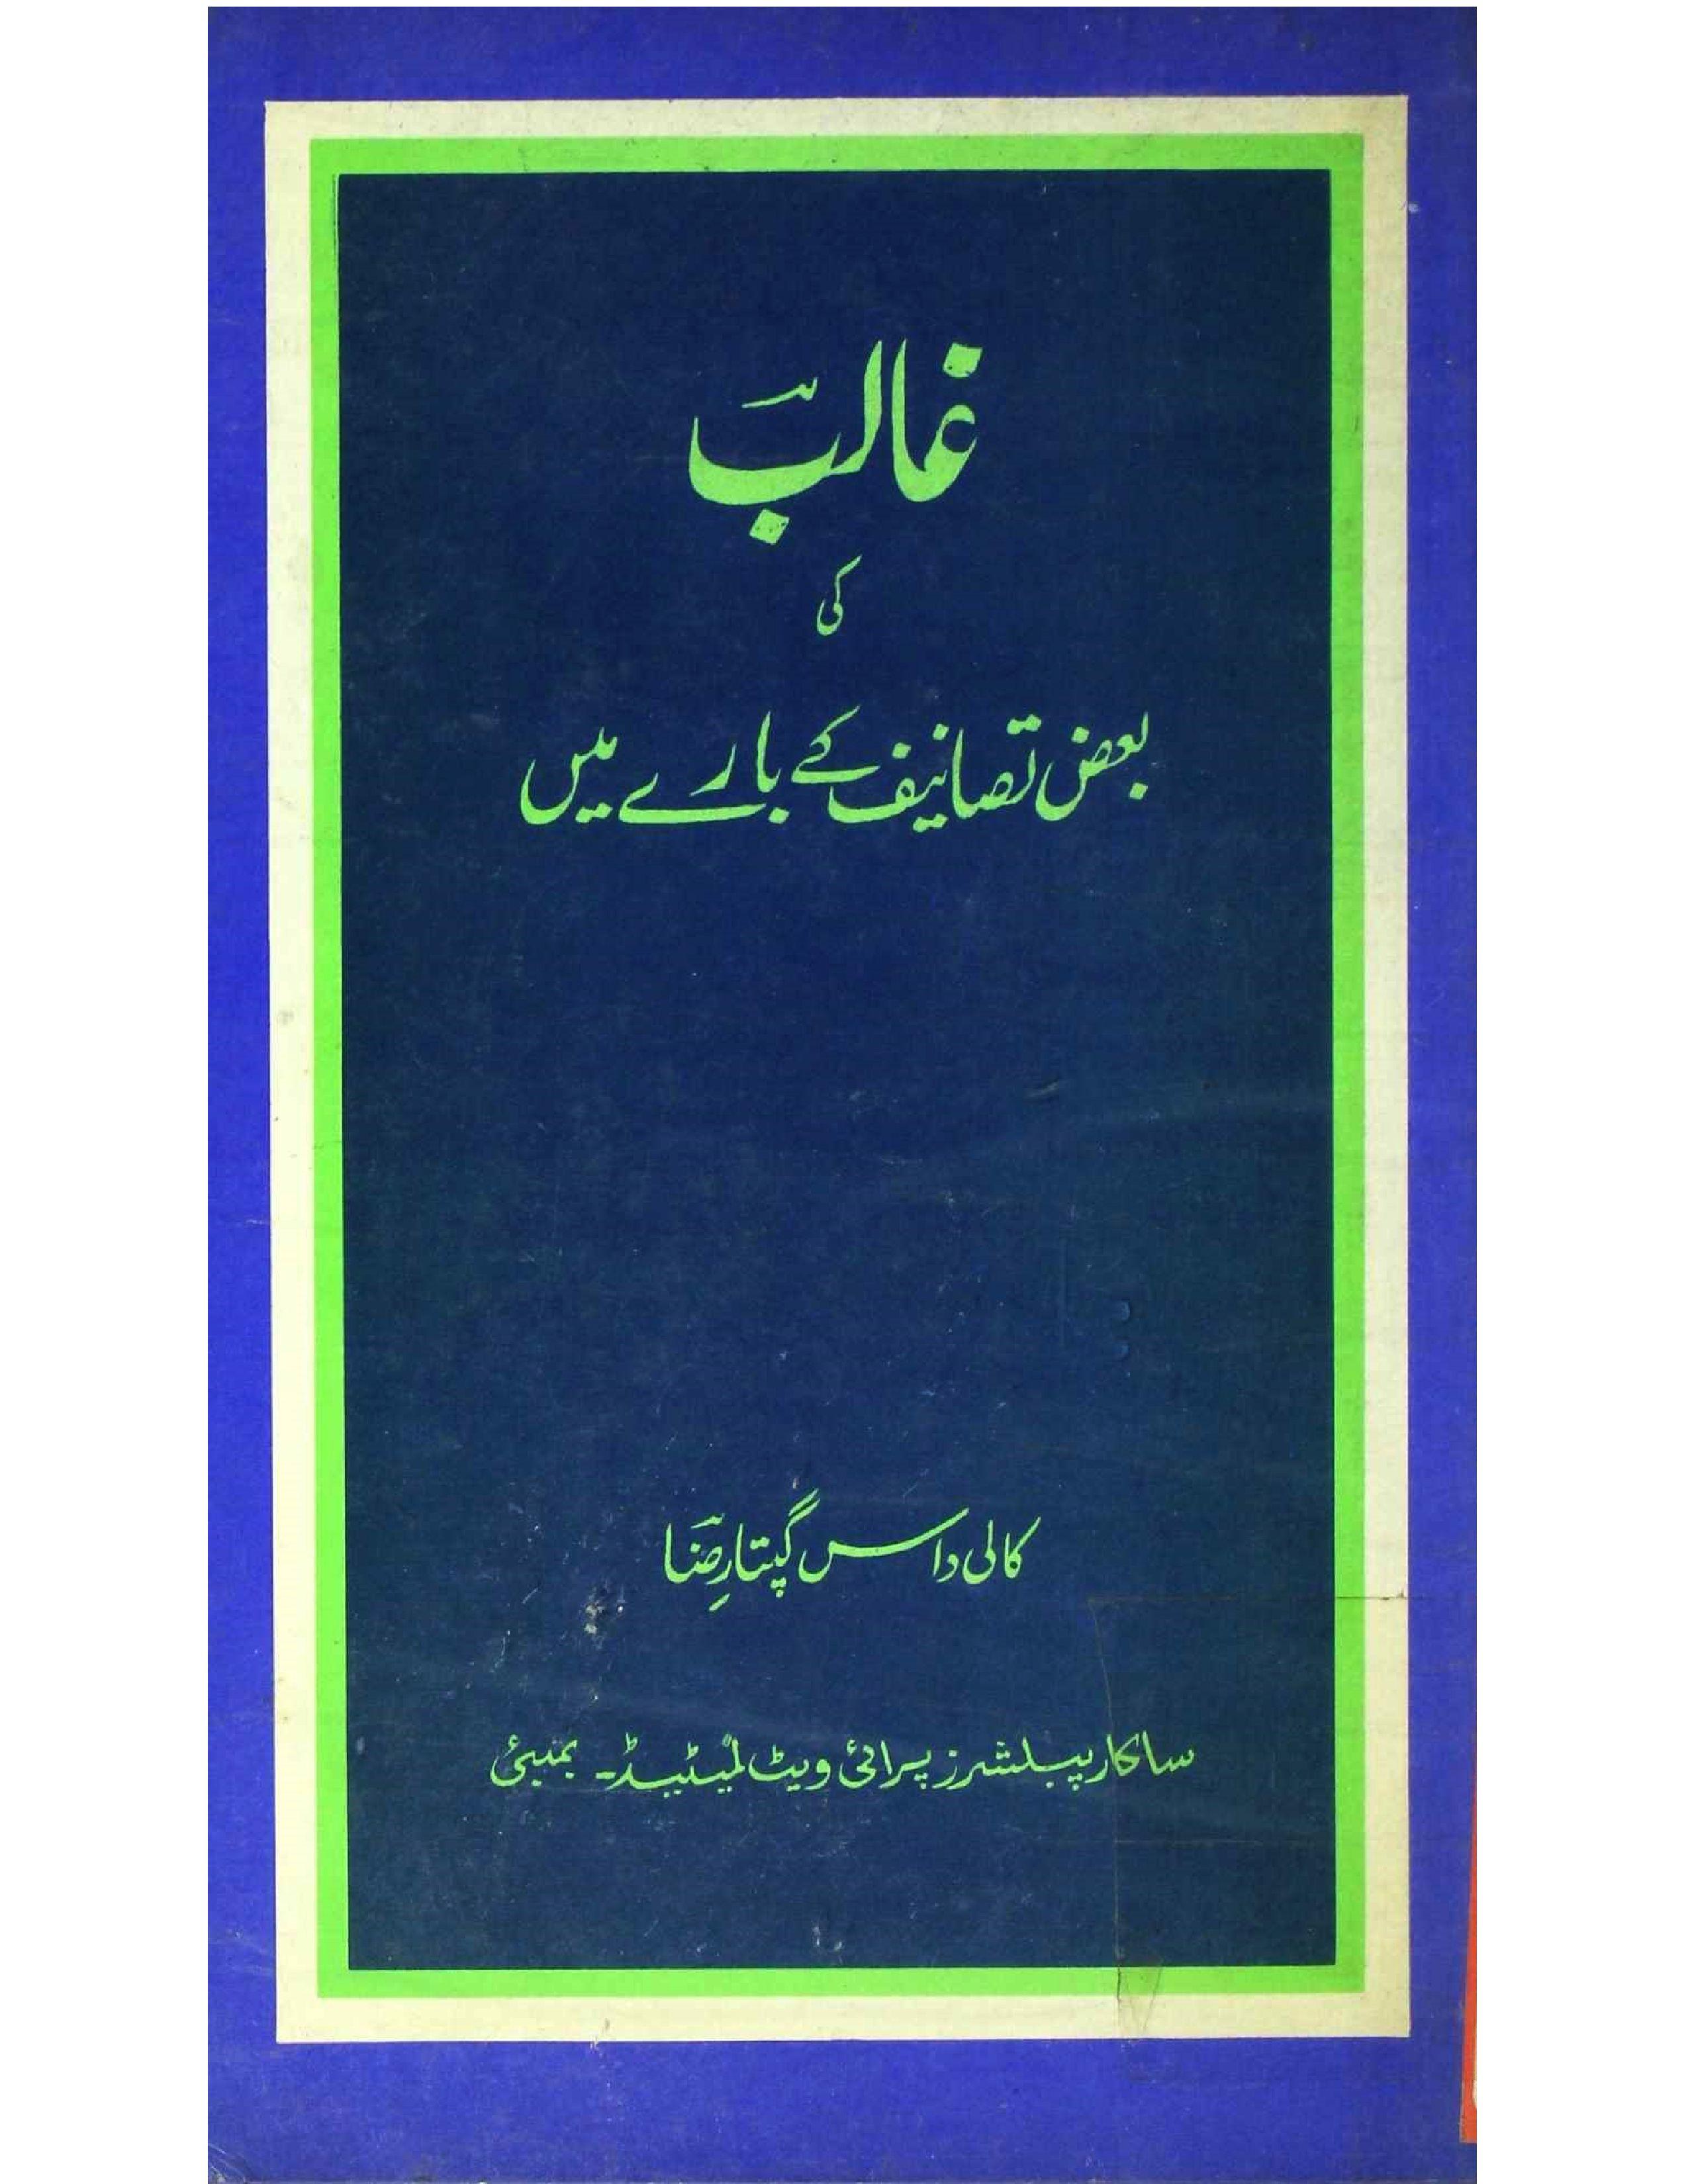 Ghalib Ki Baz Tasanif Ke Bare Mein